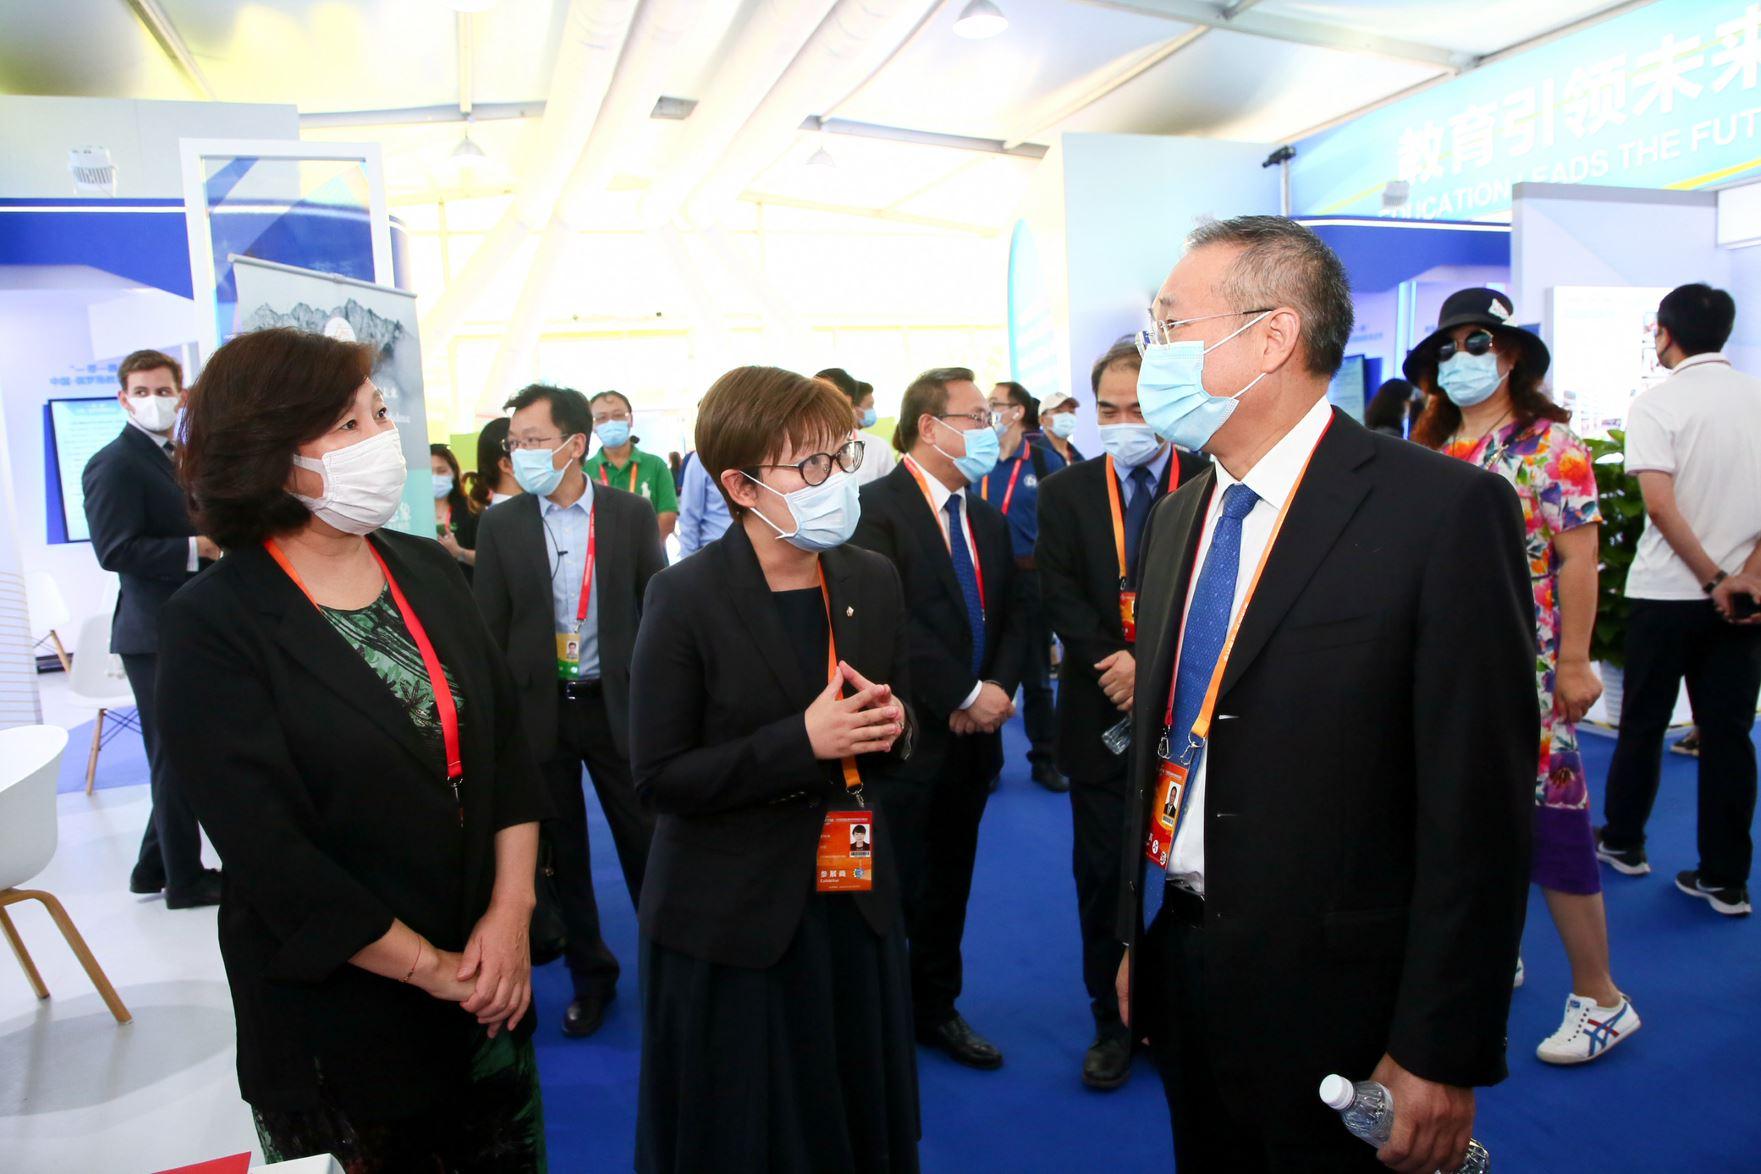 ciftis-北京德威英国国际学校-20200914-140121-602